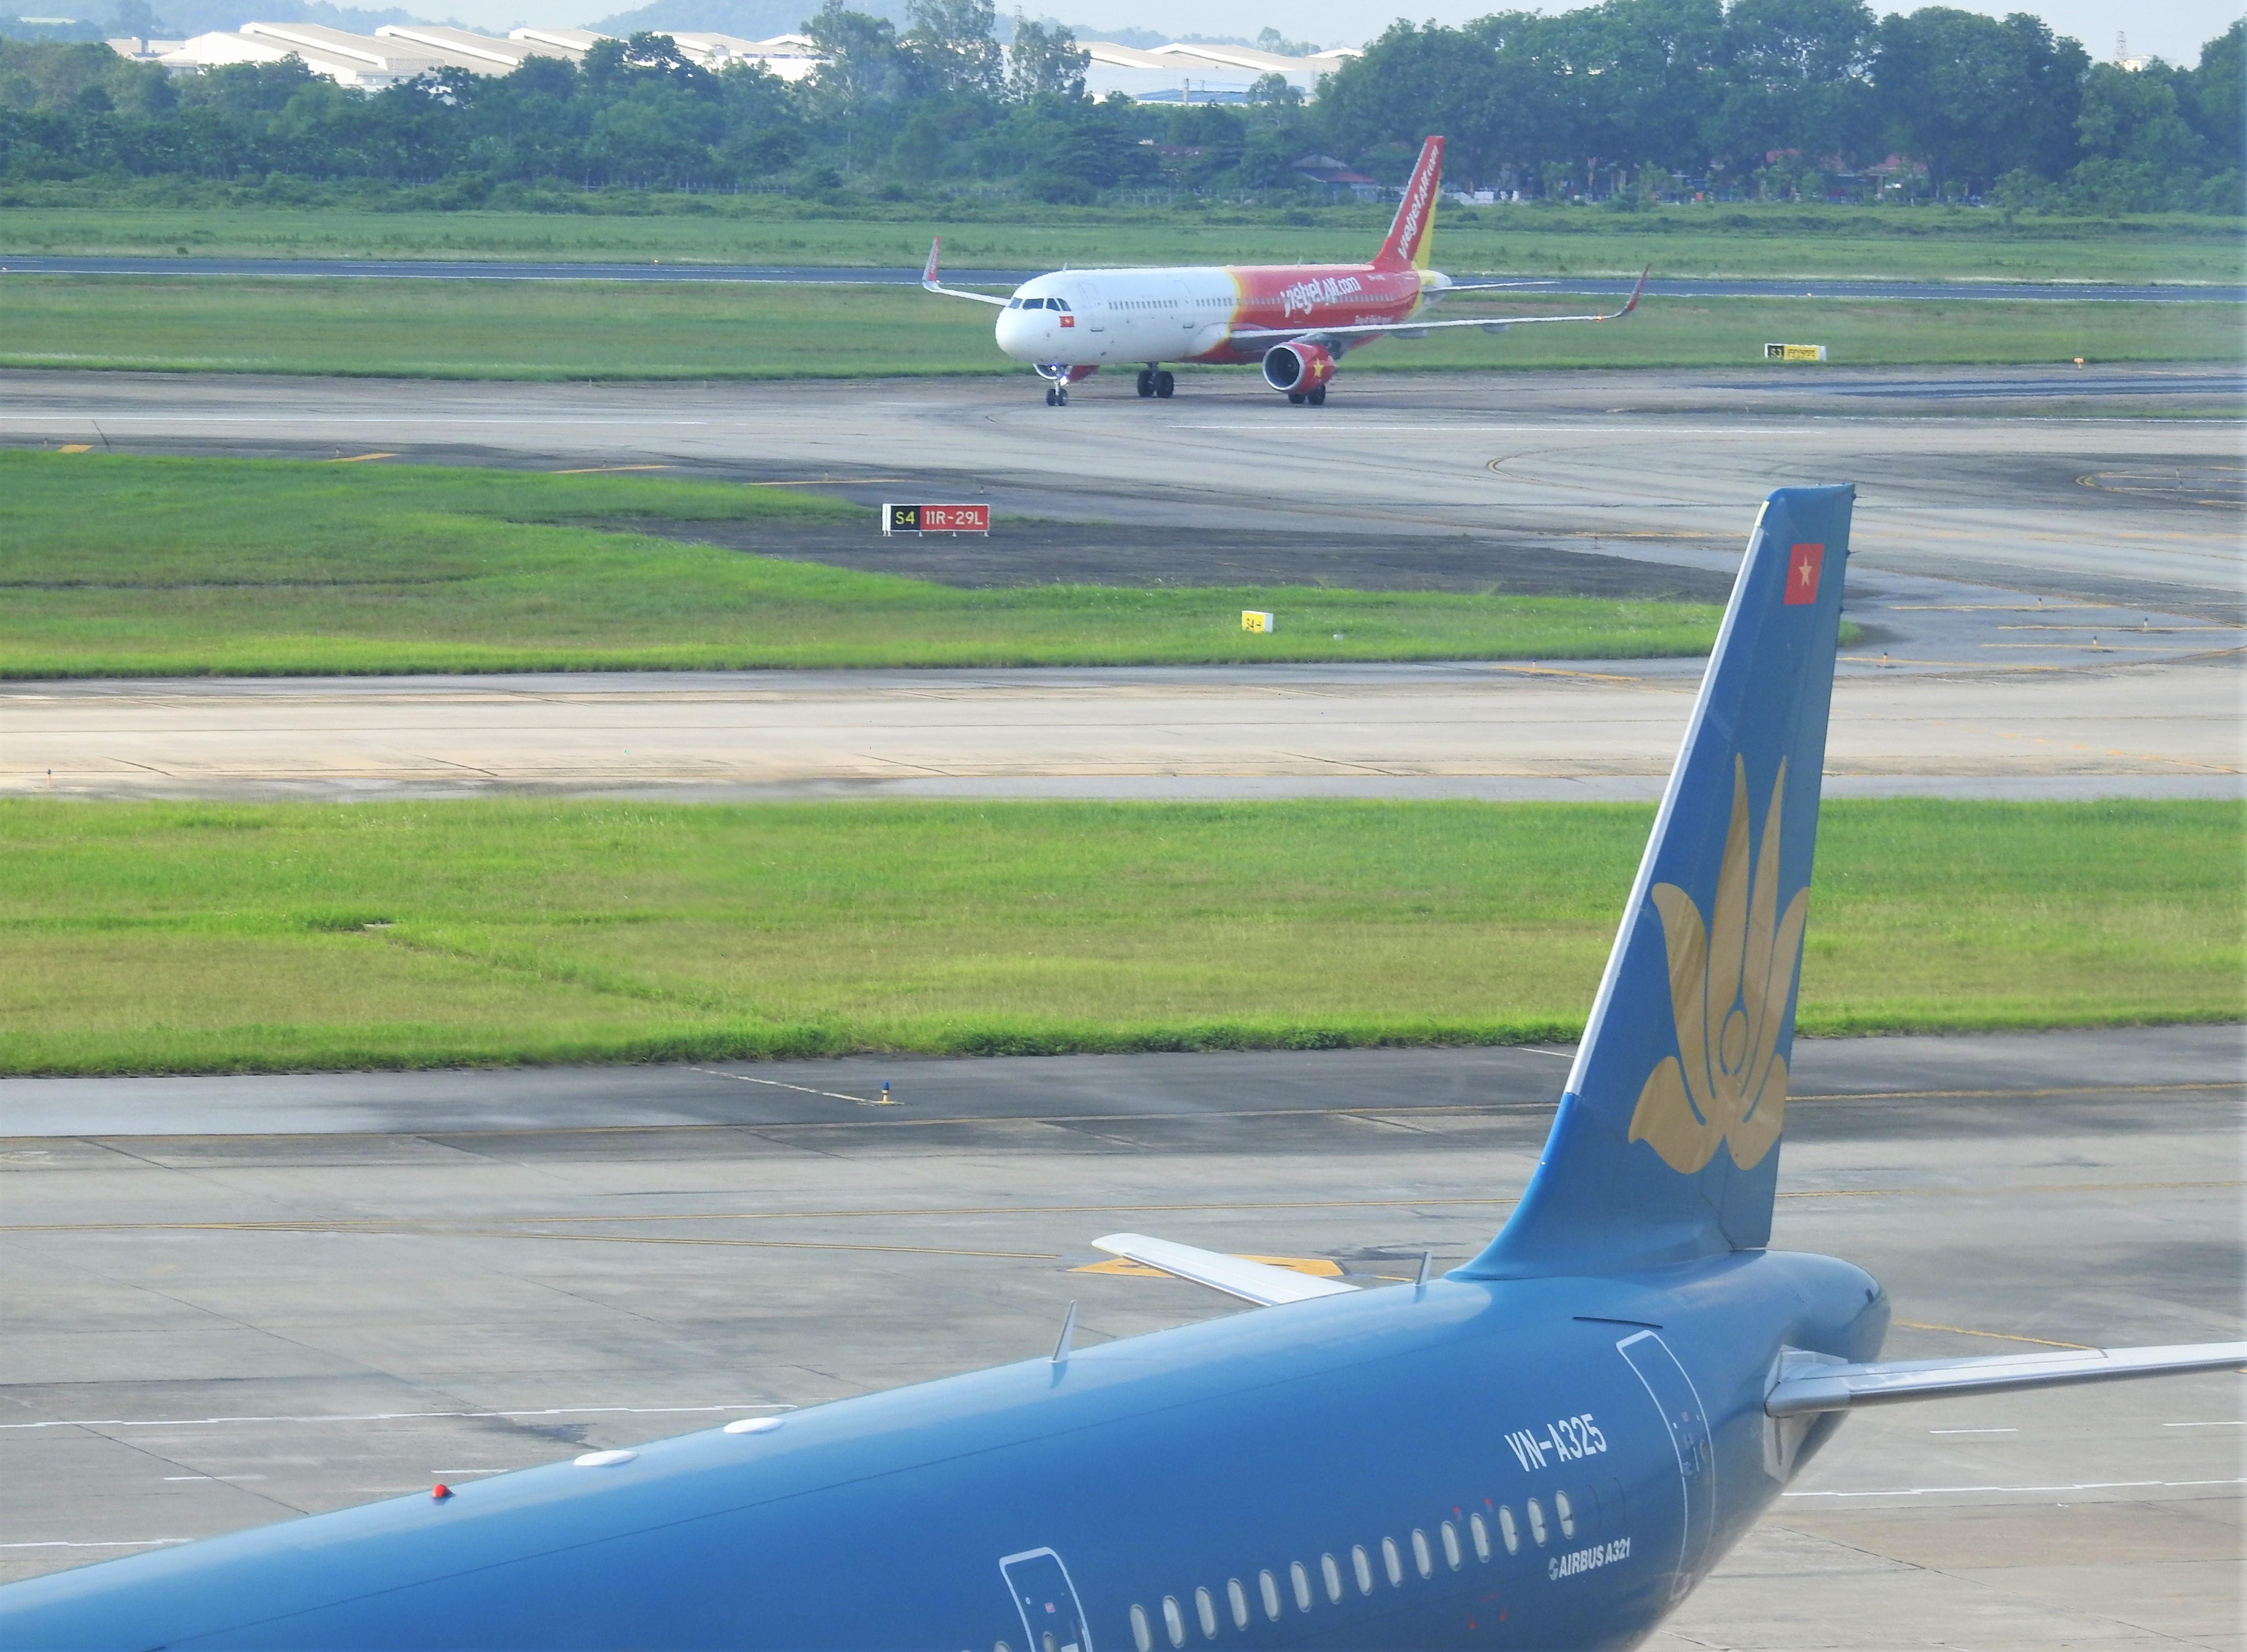 HVN quay lại giá trước dịch, nhiều cổ đông Vietnam Airlines đã 'về bờ' - Ảnh 5.